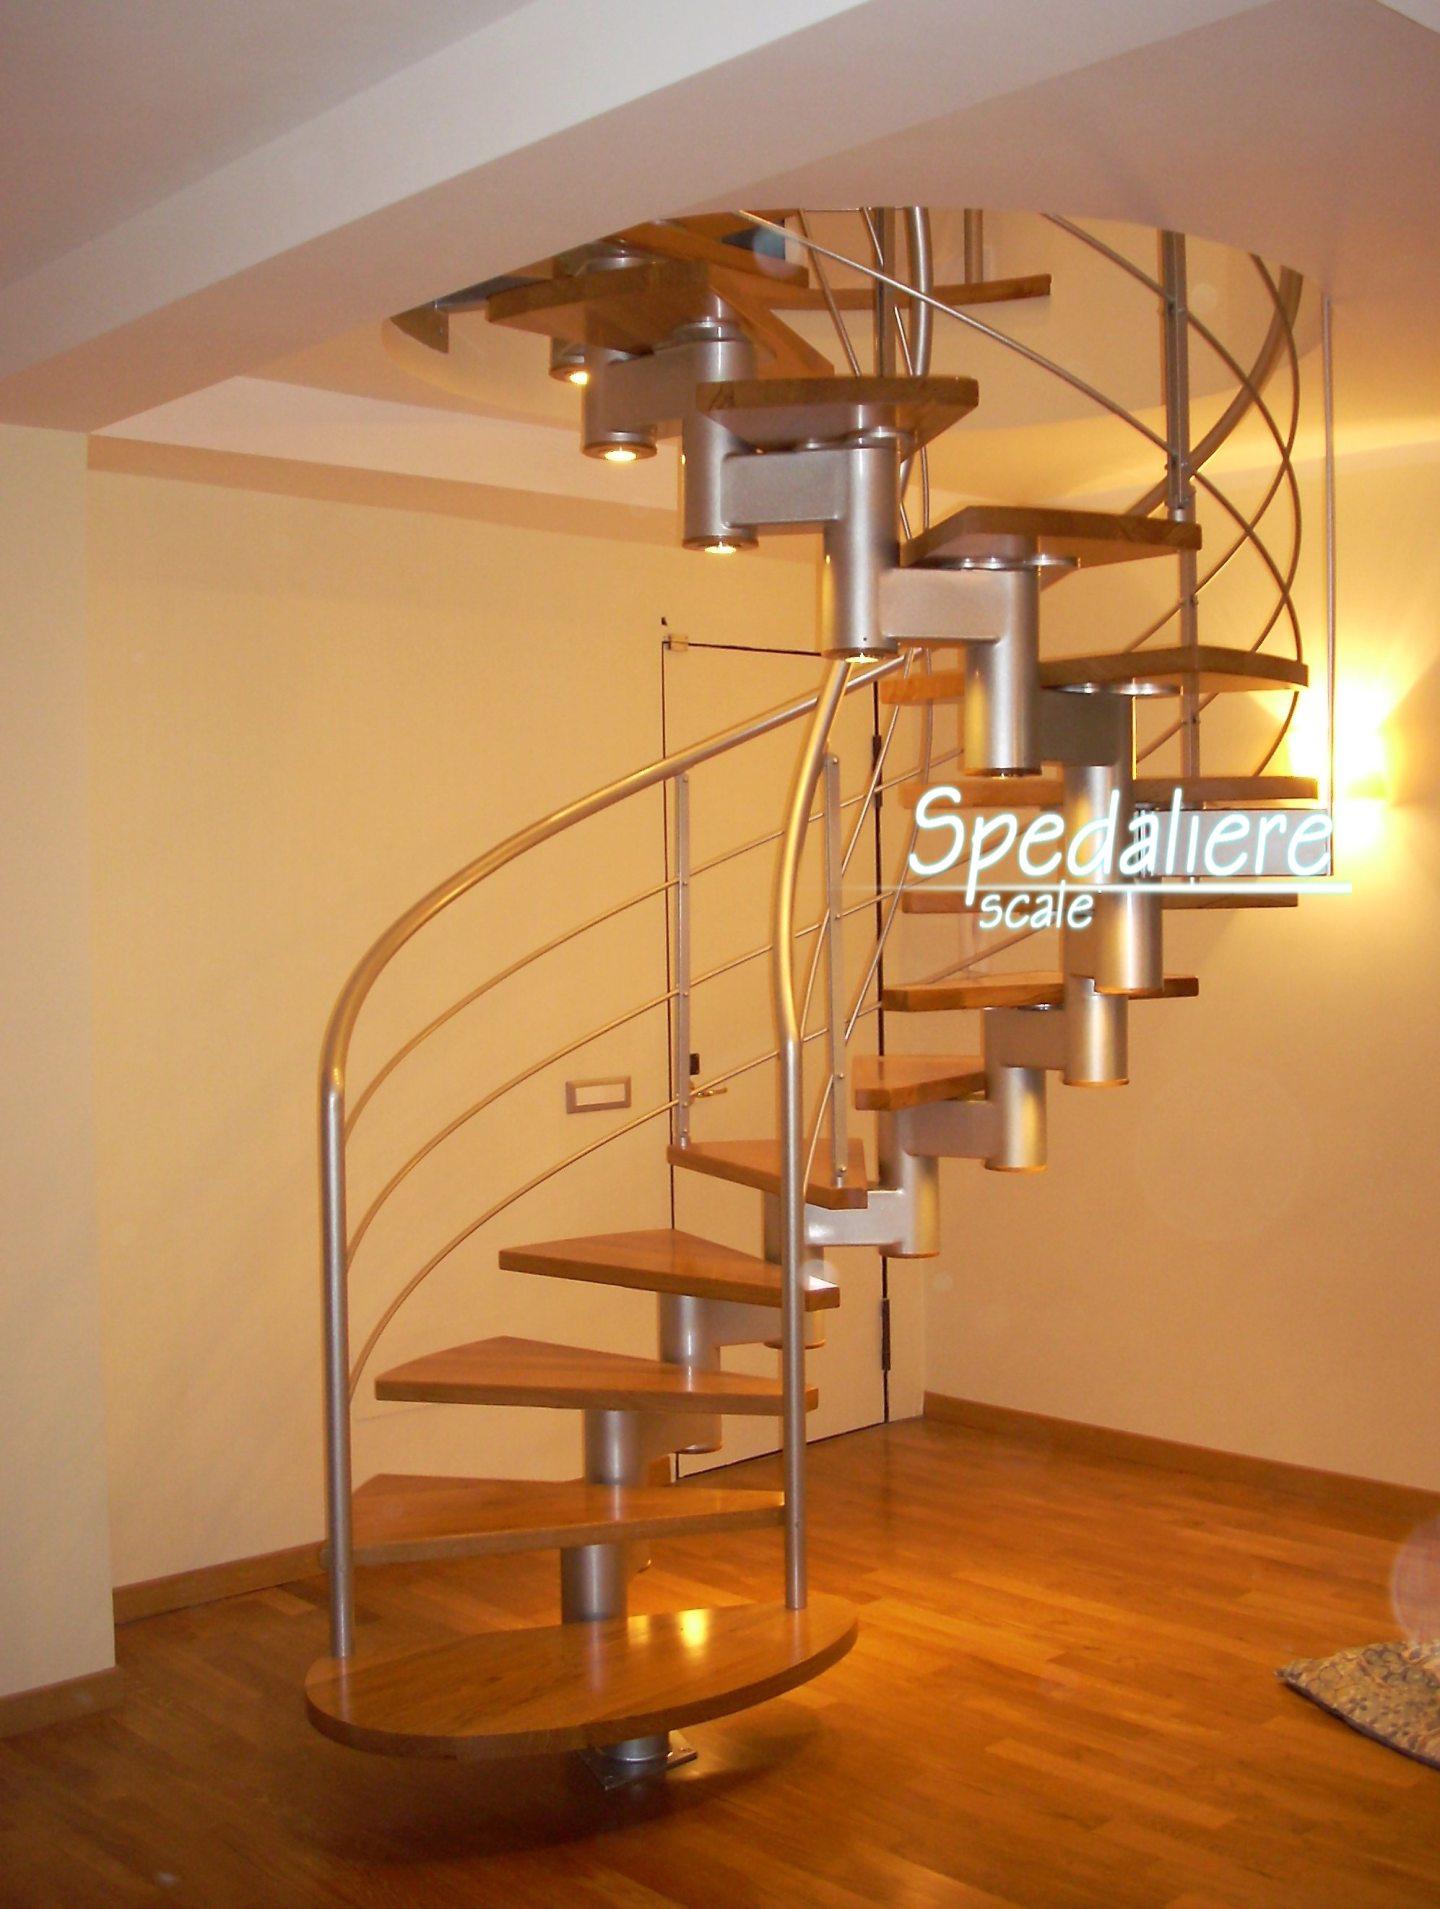 Mista tonda con struttura portante centrale e gradini in legno